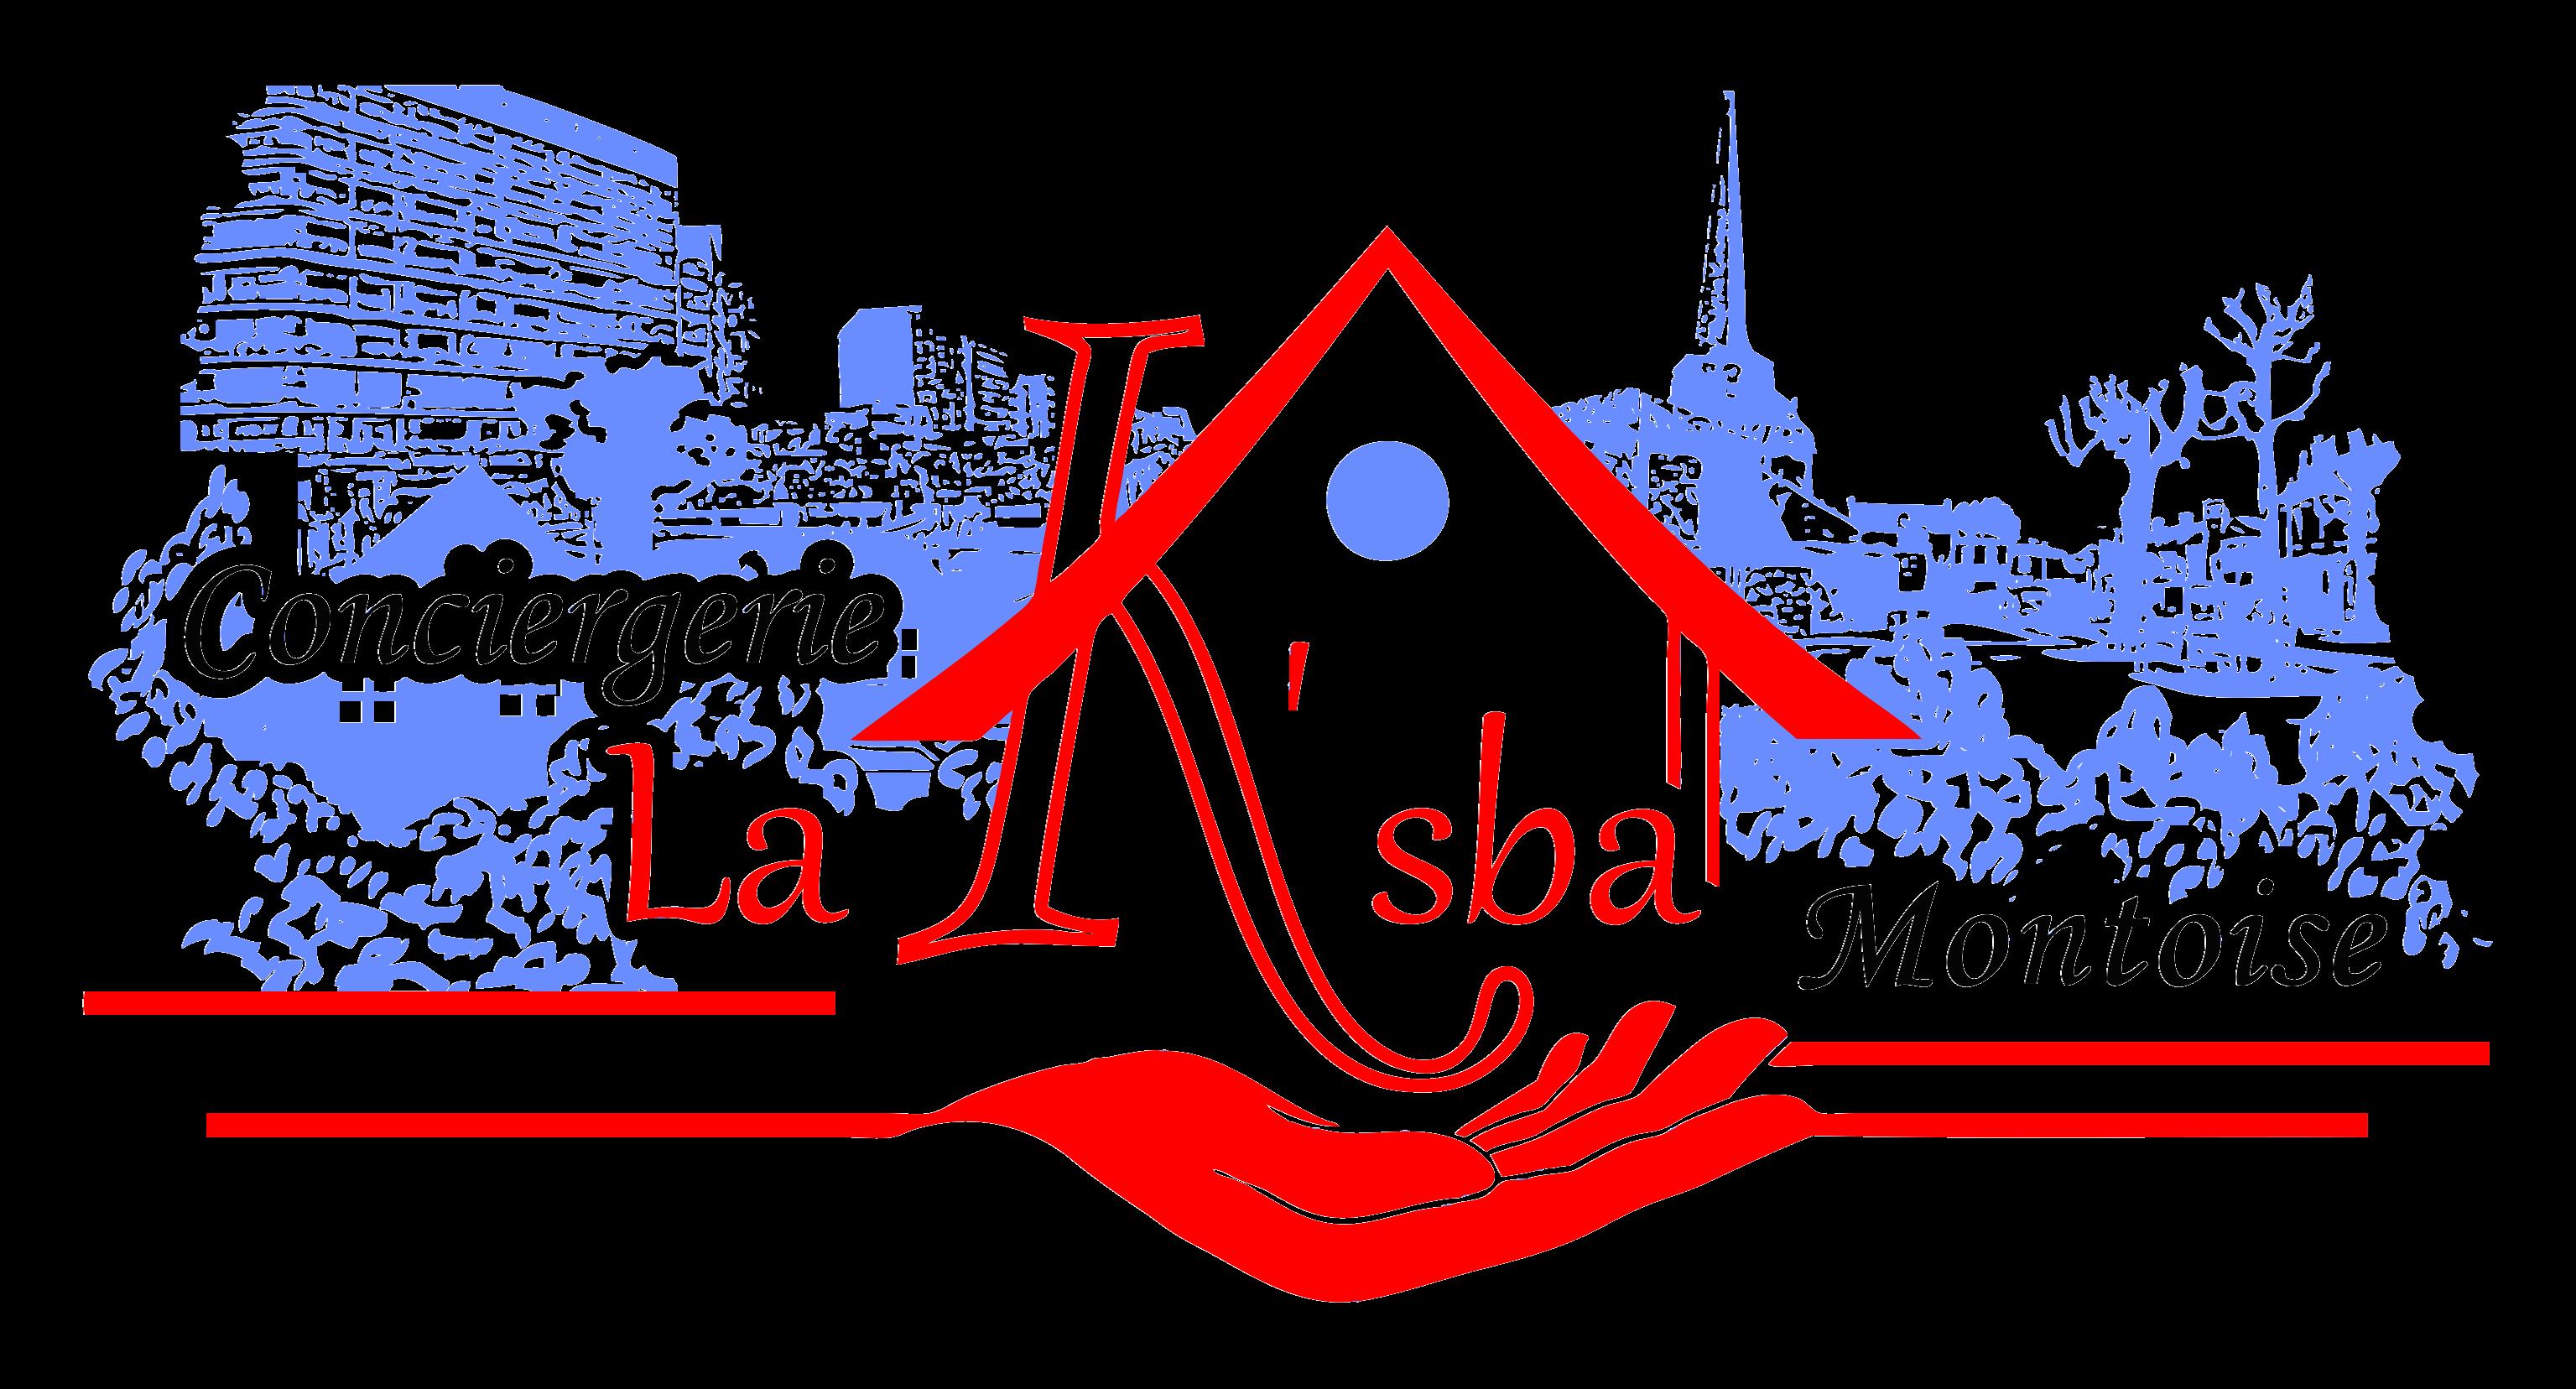 La K'Sba Montoise